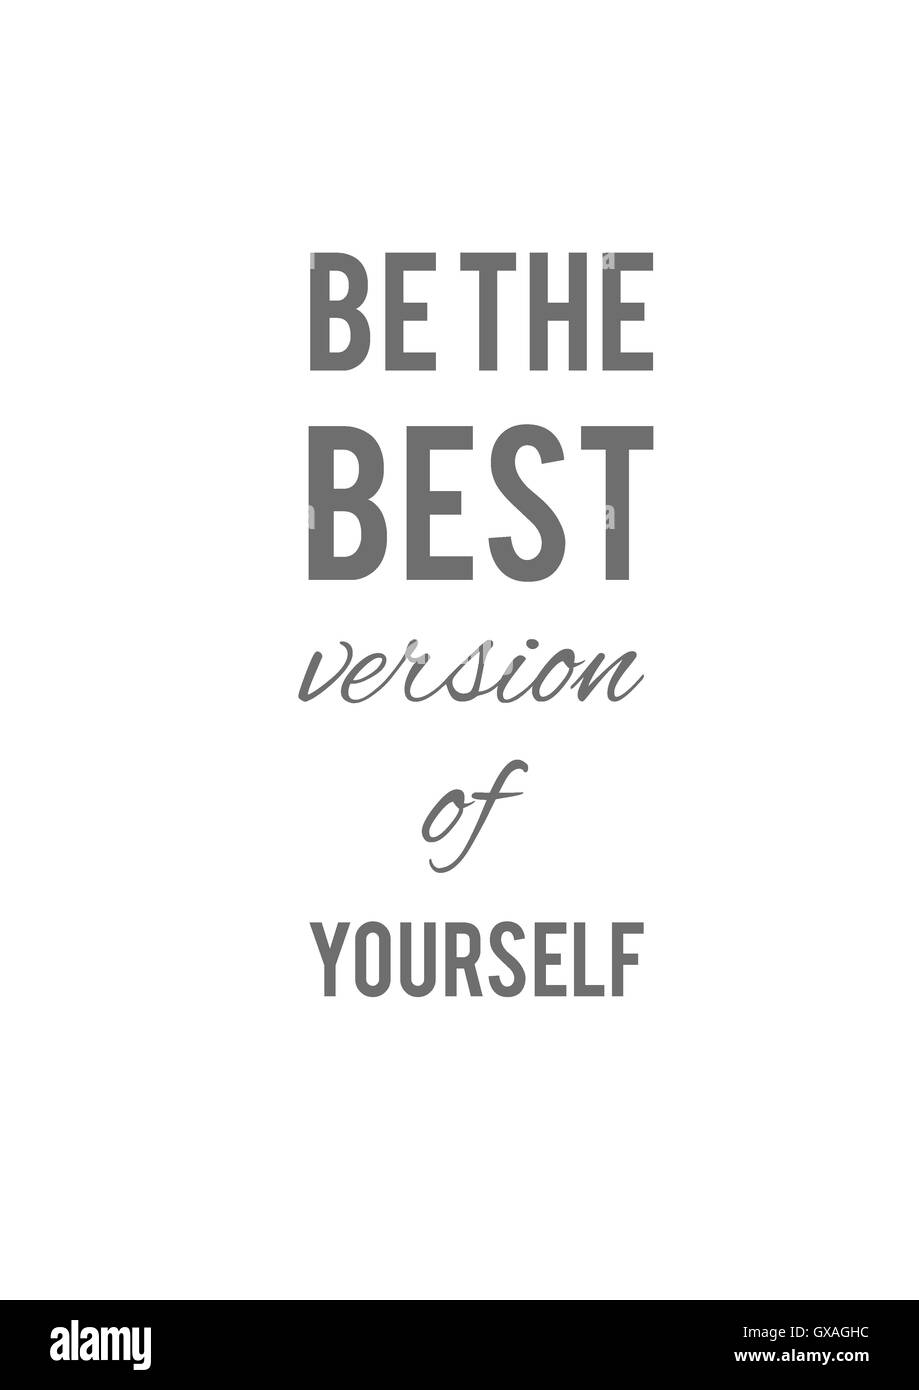 Die beste Version von sich selbst, Hintergründe, Texturen, Motivation, Poster, Zitat, Abbildung Stockbild